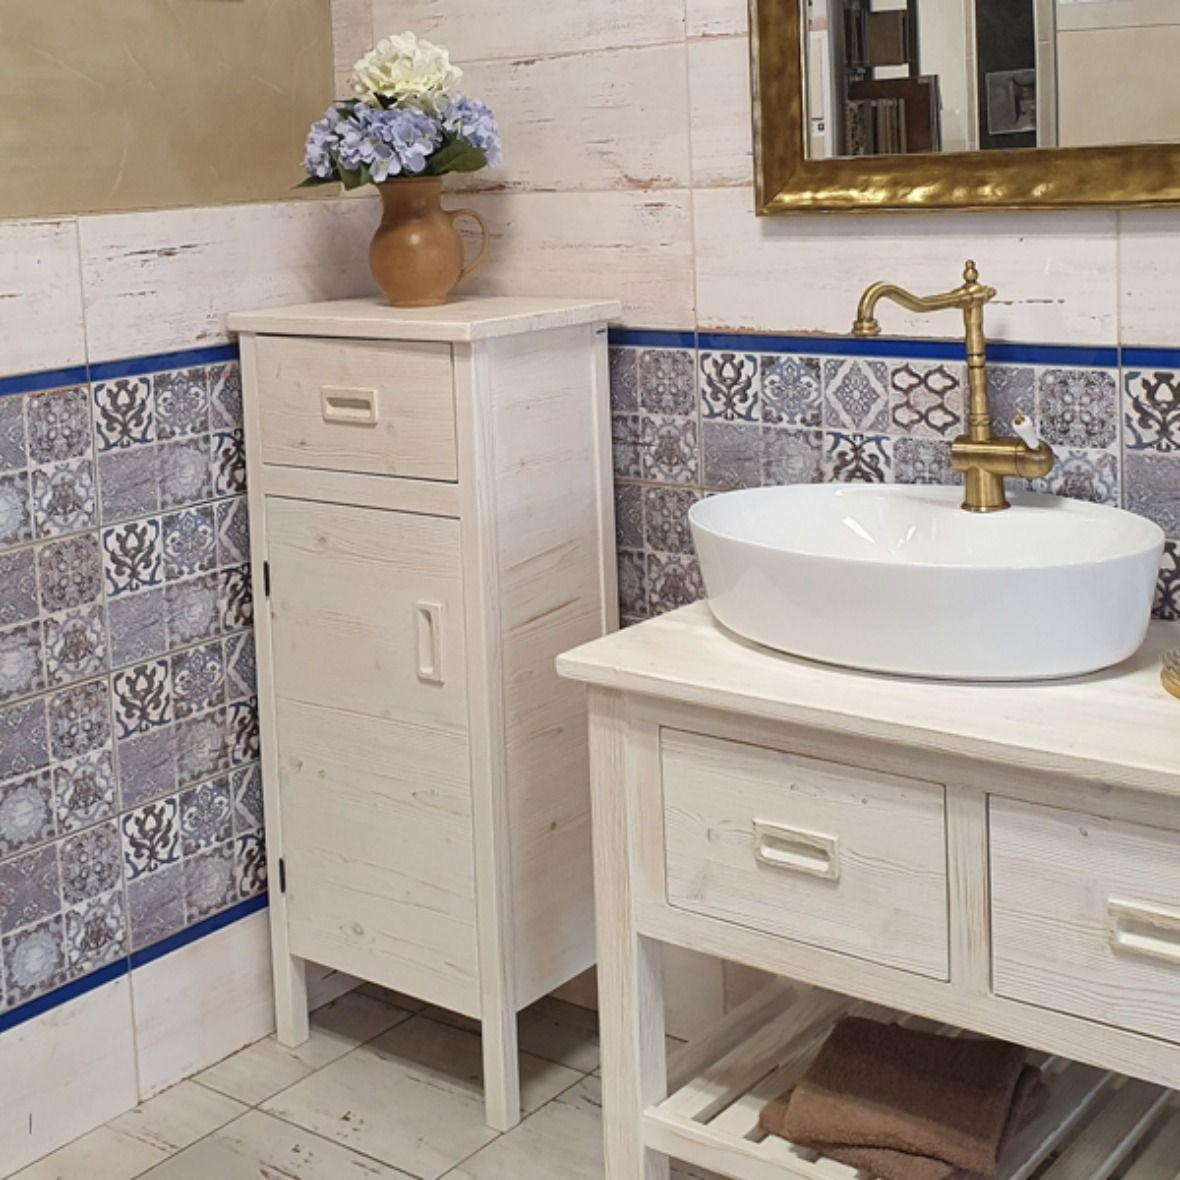 Kolekce Country Village V Koupelne 36 Retro Vanity Bathroom Vanity [ 1180 x 1180 Pixel ]